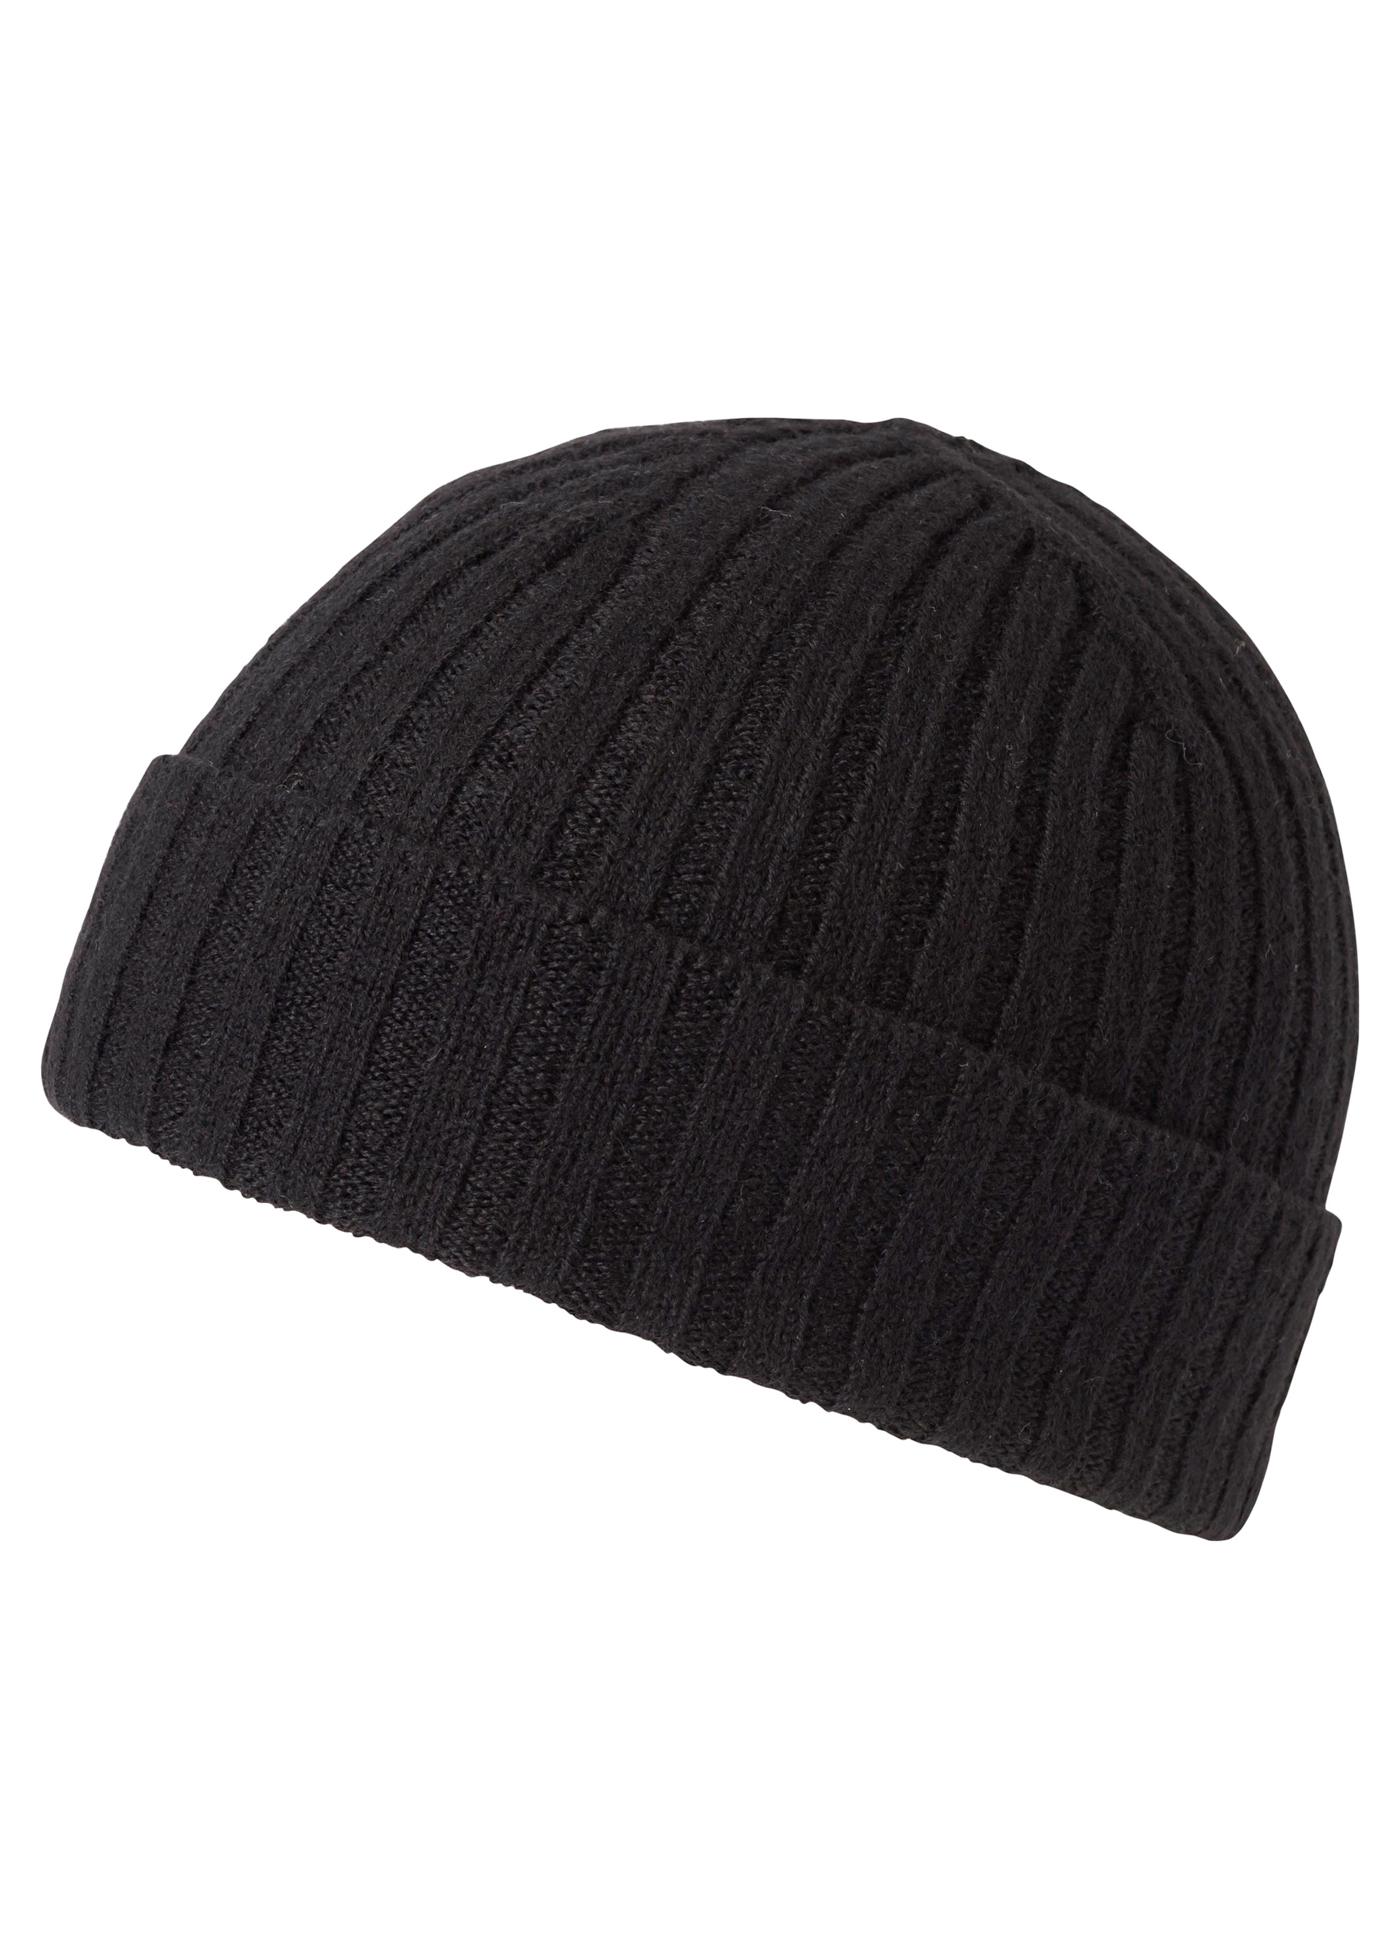 HAT image number 0